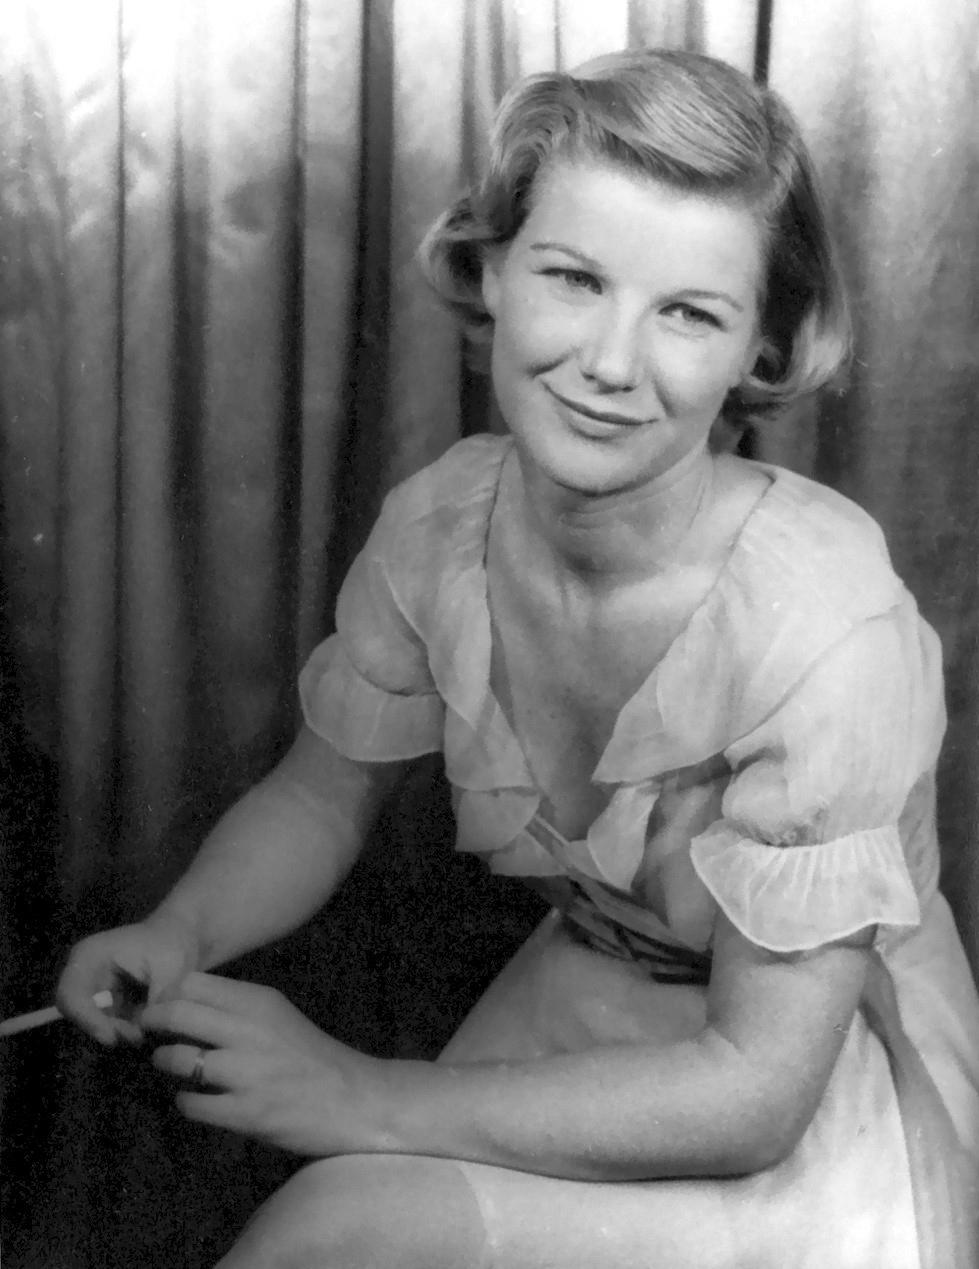 Photo Barbara Bel Geddes via Opendata BNF